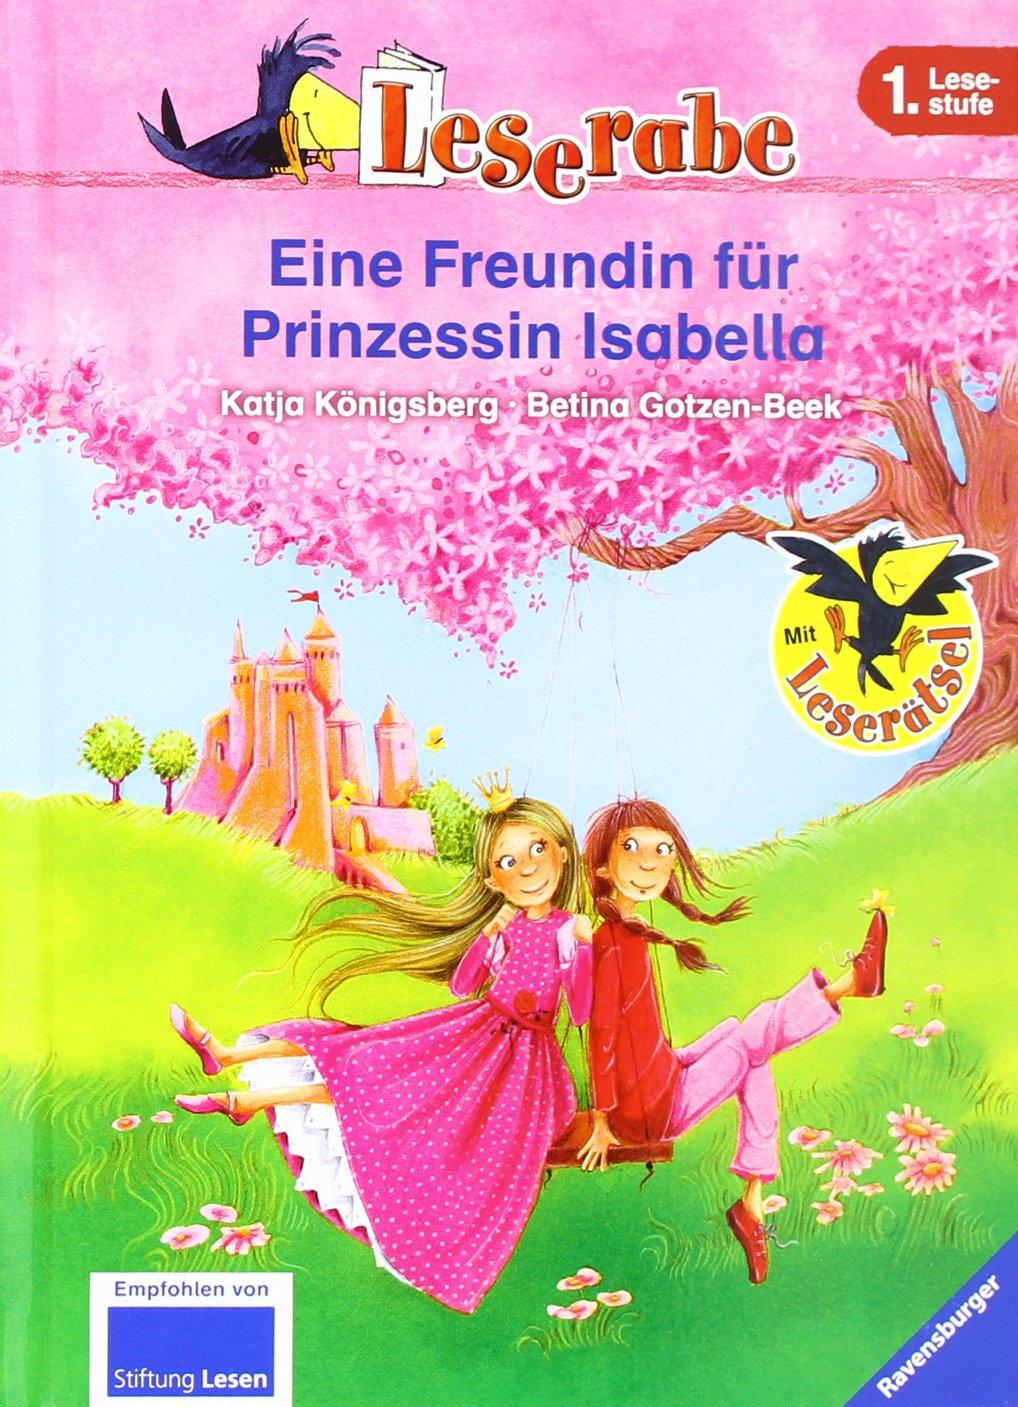 Eine Freundin für Prinzessin Isabella (Leserabe - 1. Lesestufe)